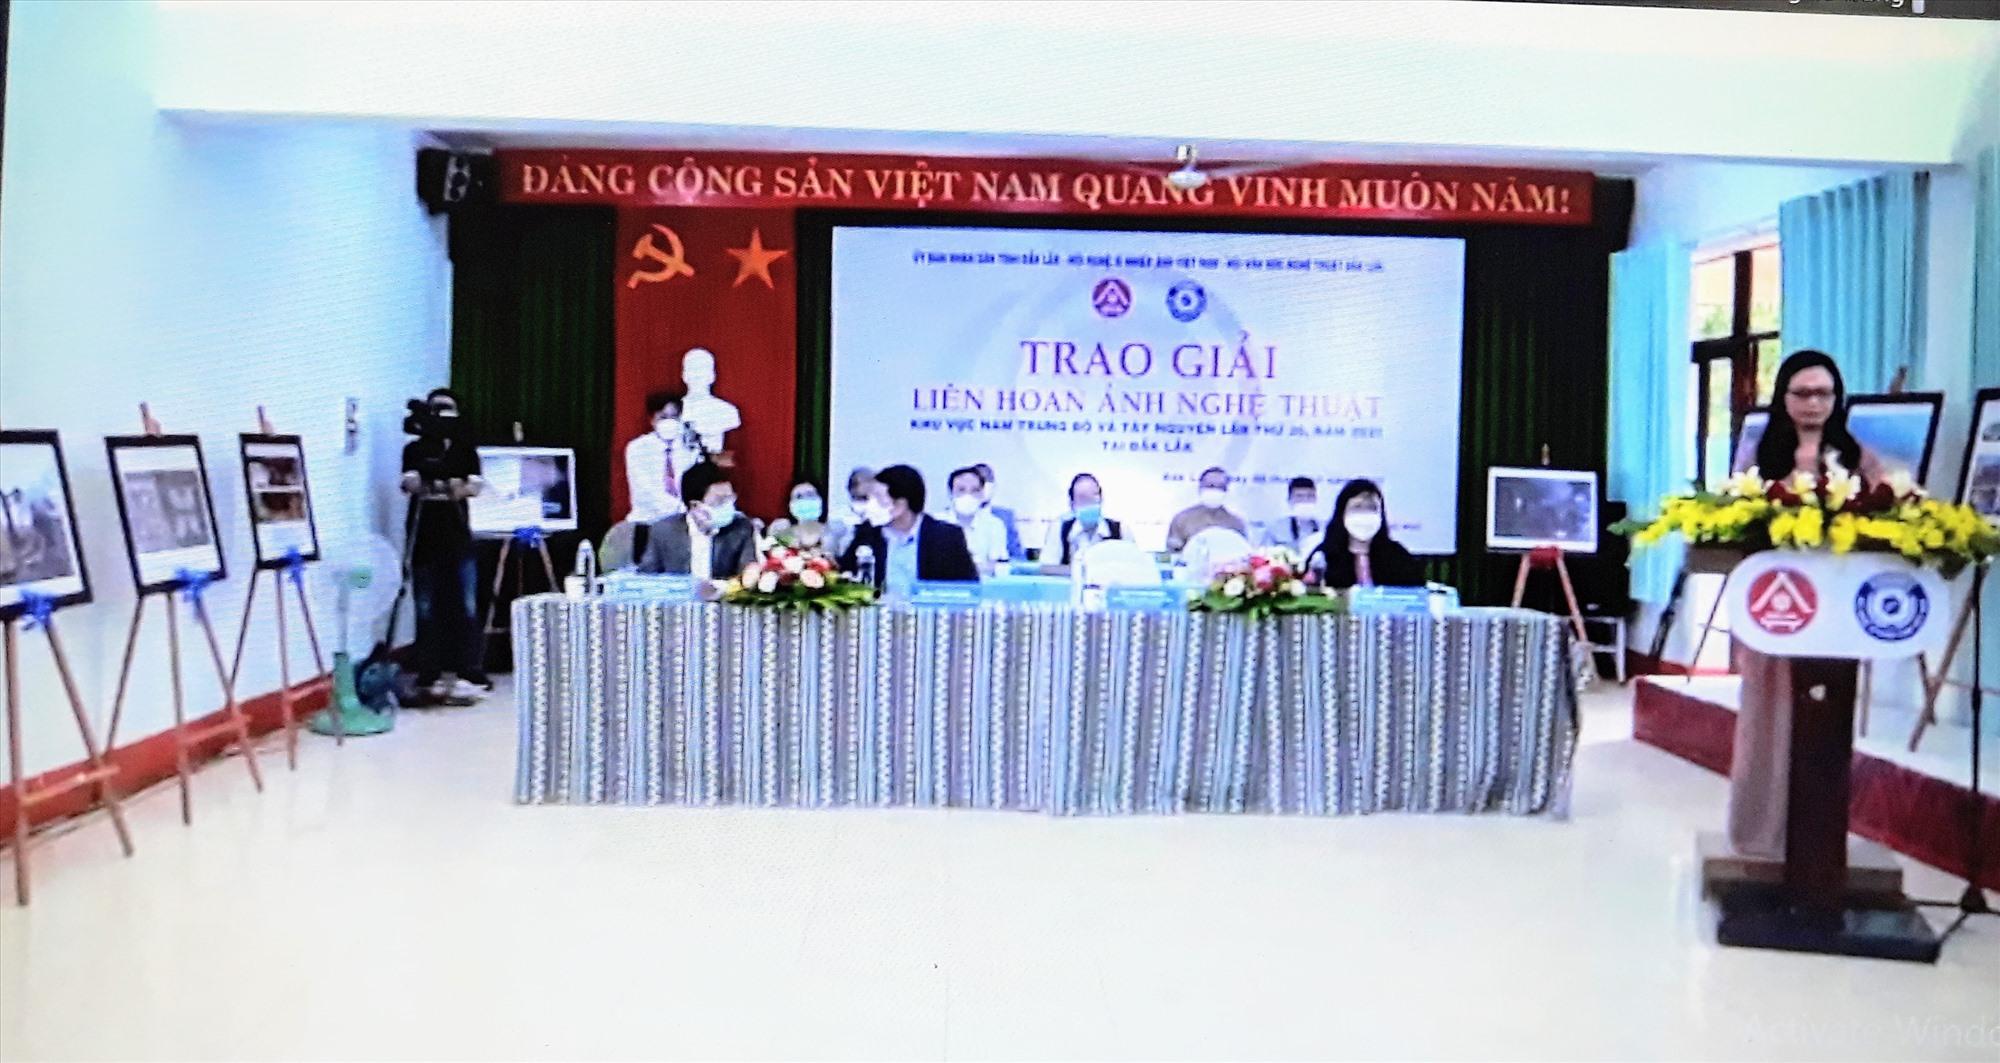 Quang cảnh lễ tổng kết và trao giải Liên hoan tại điểm cầu chính (Ảnh chụp qua màn hình).